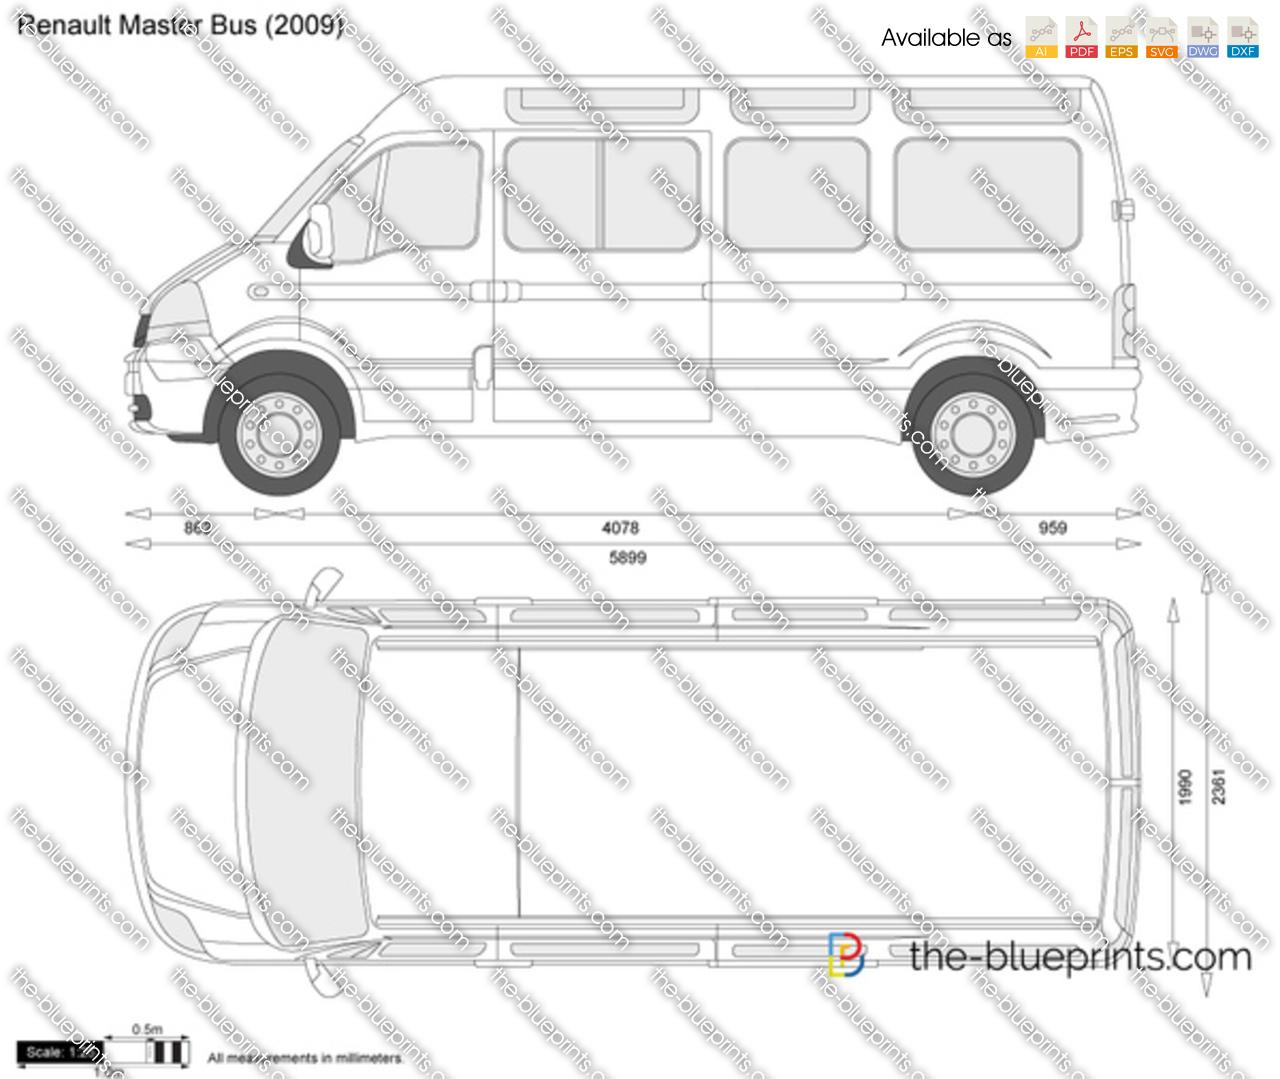 renault master bus vector drawing. Black Bedroom Furniture Sets. Home Design Ideas